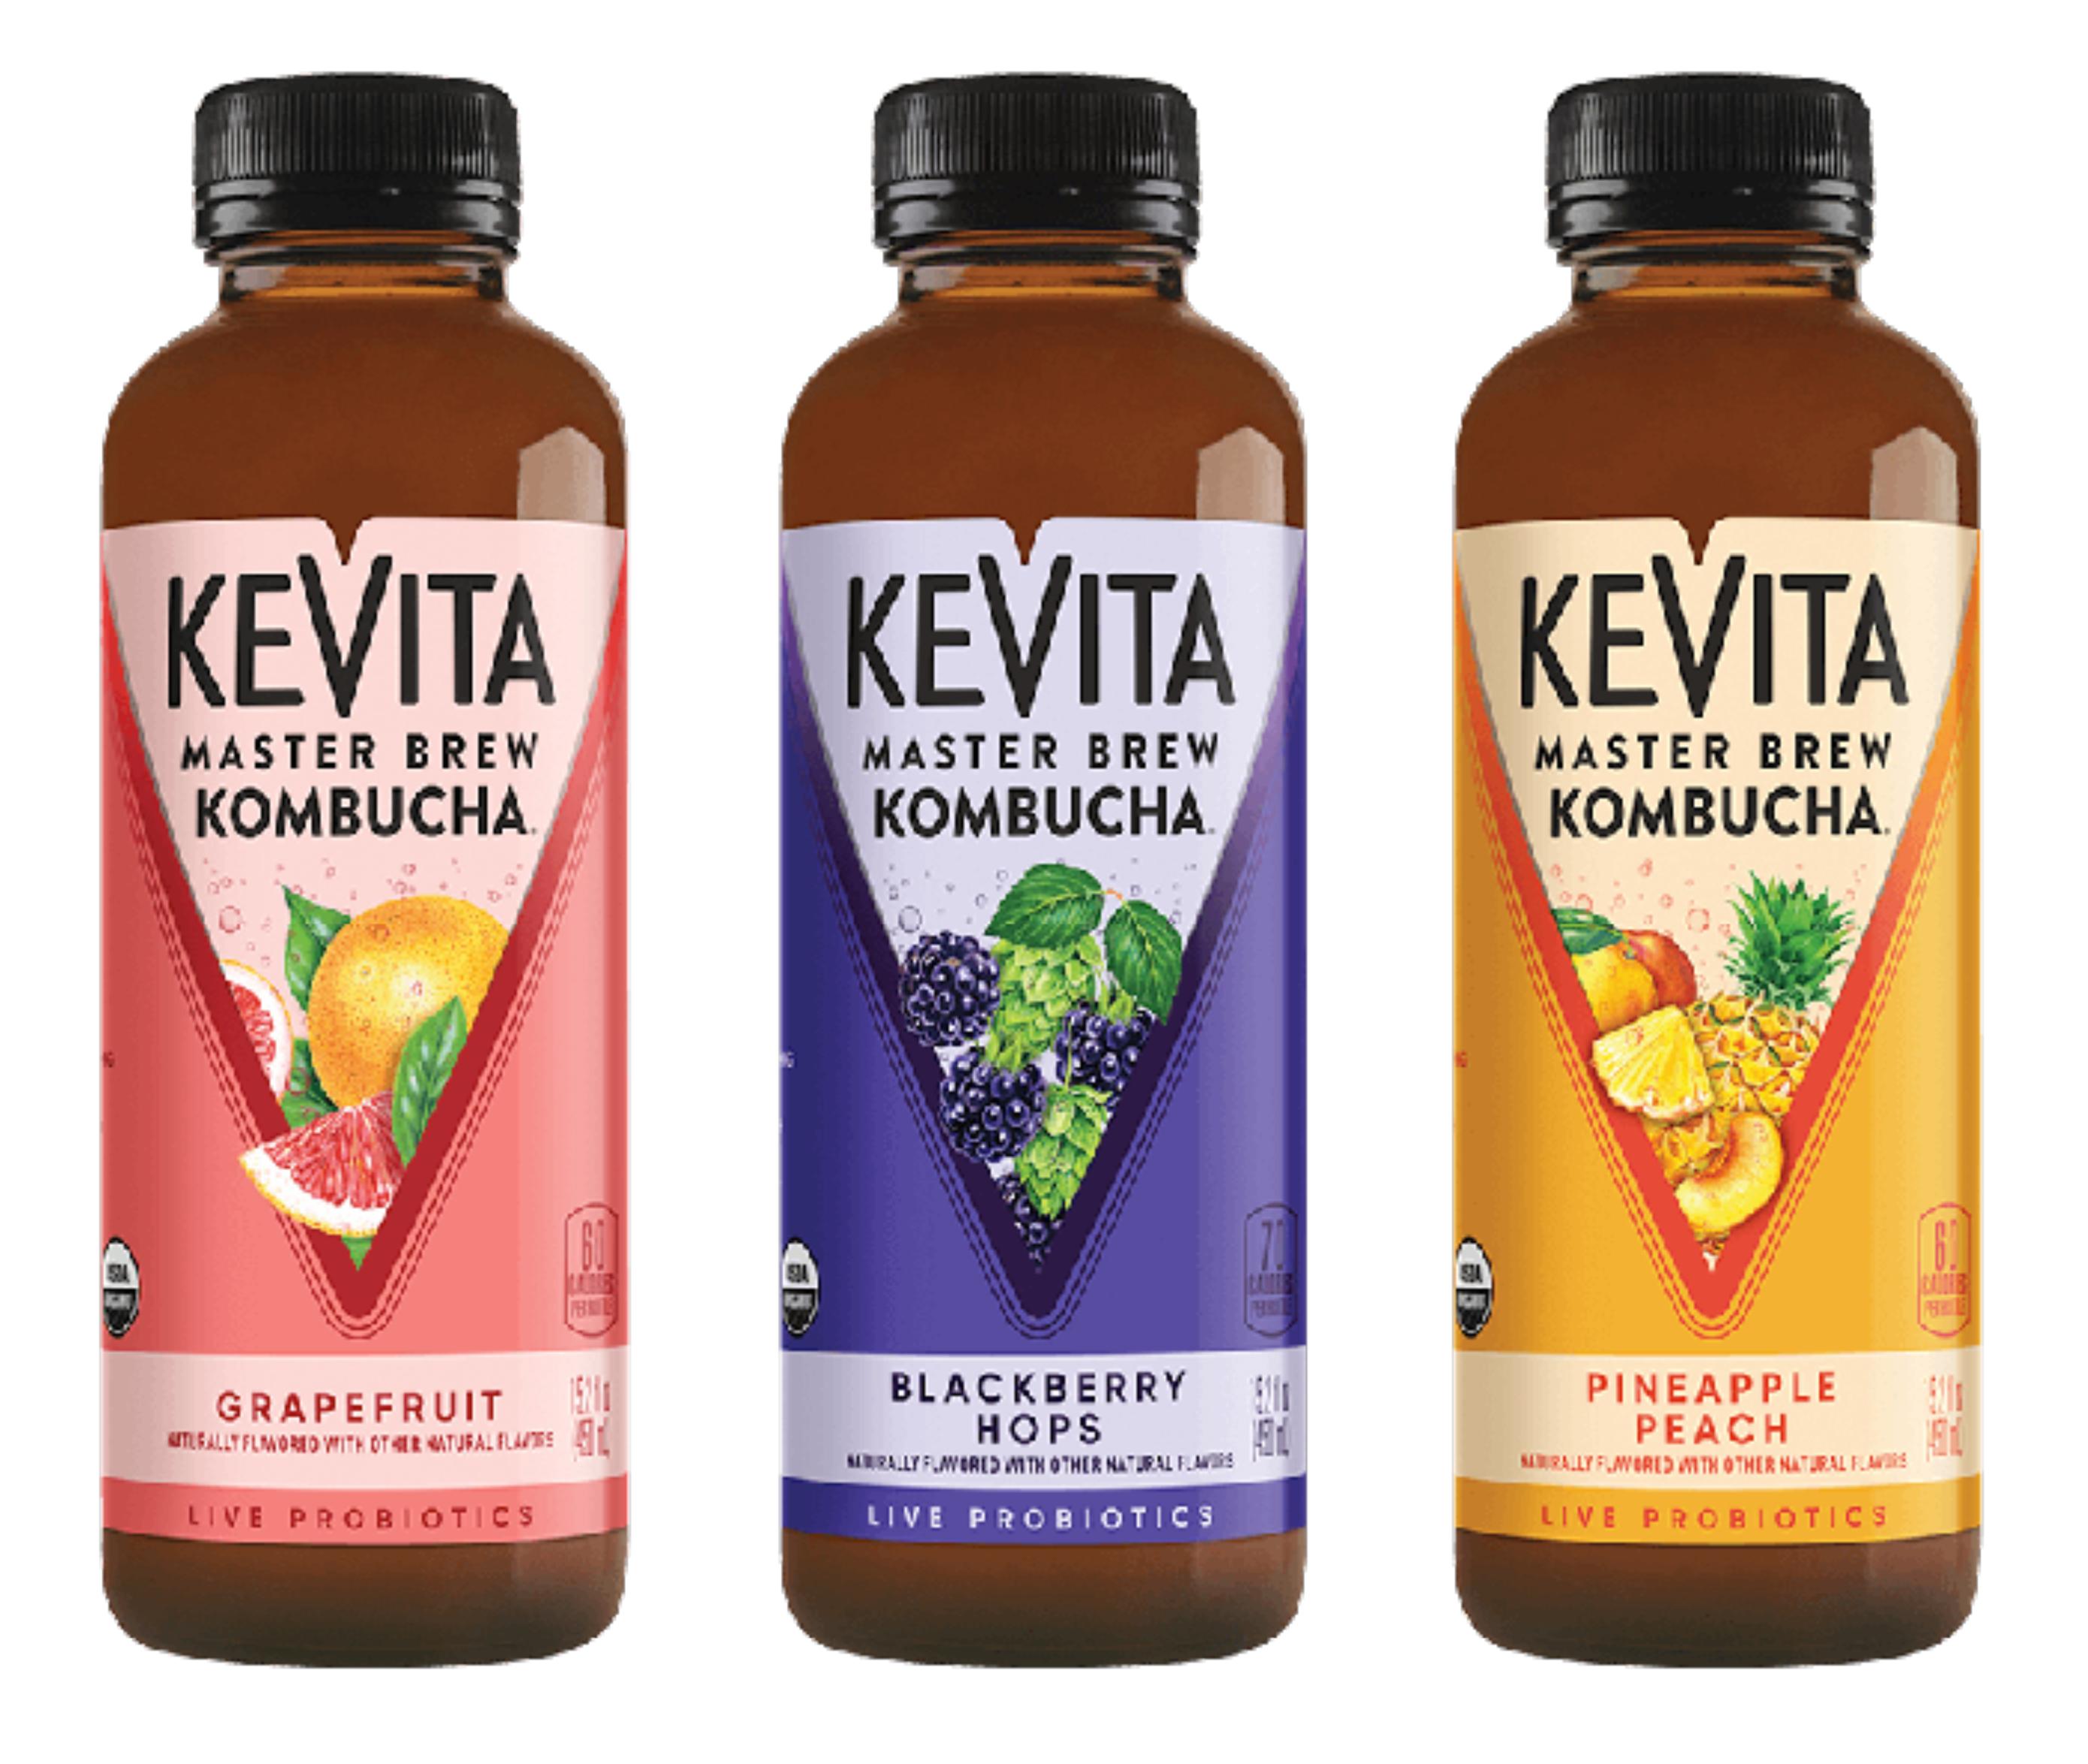 b kevita pack shots 2